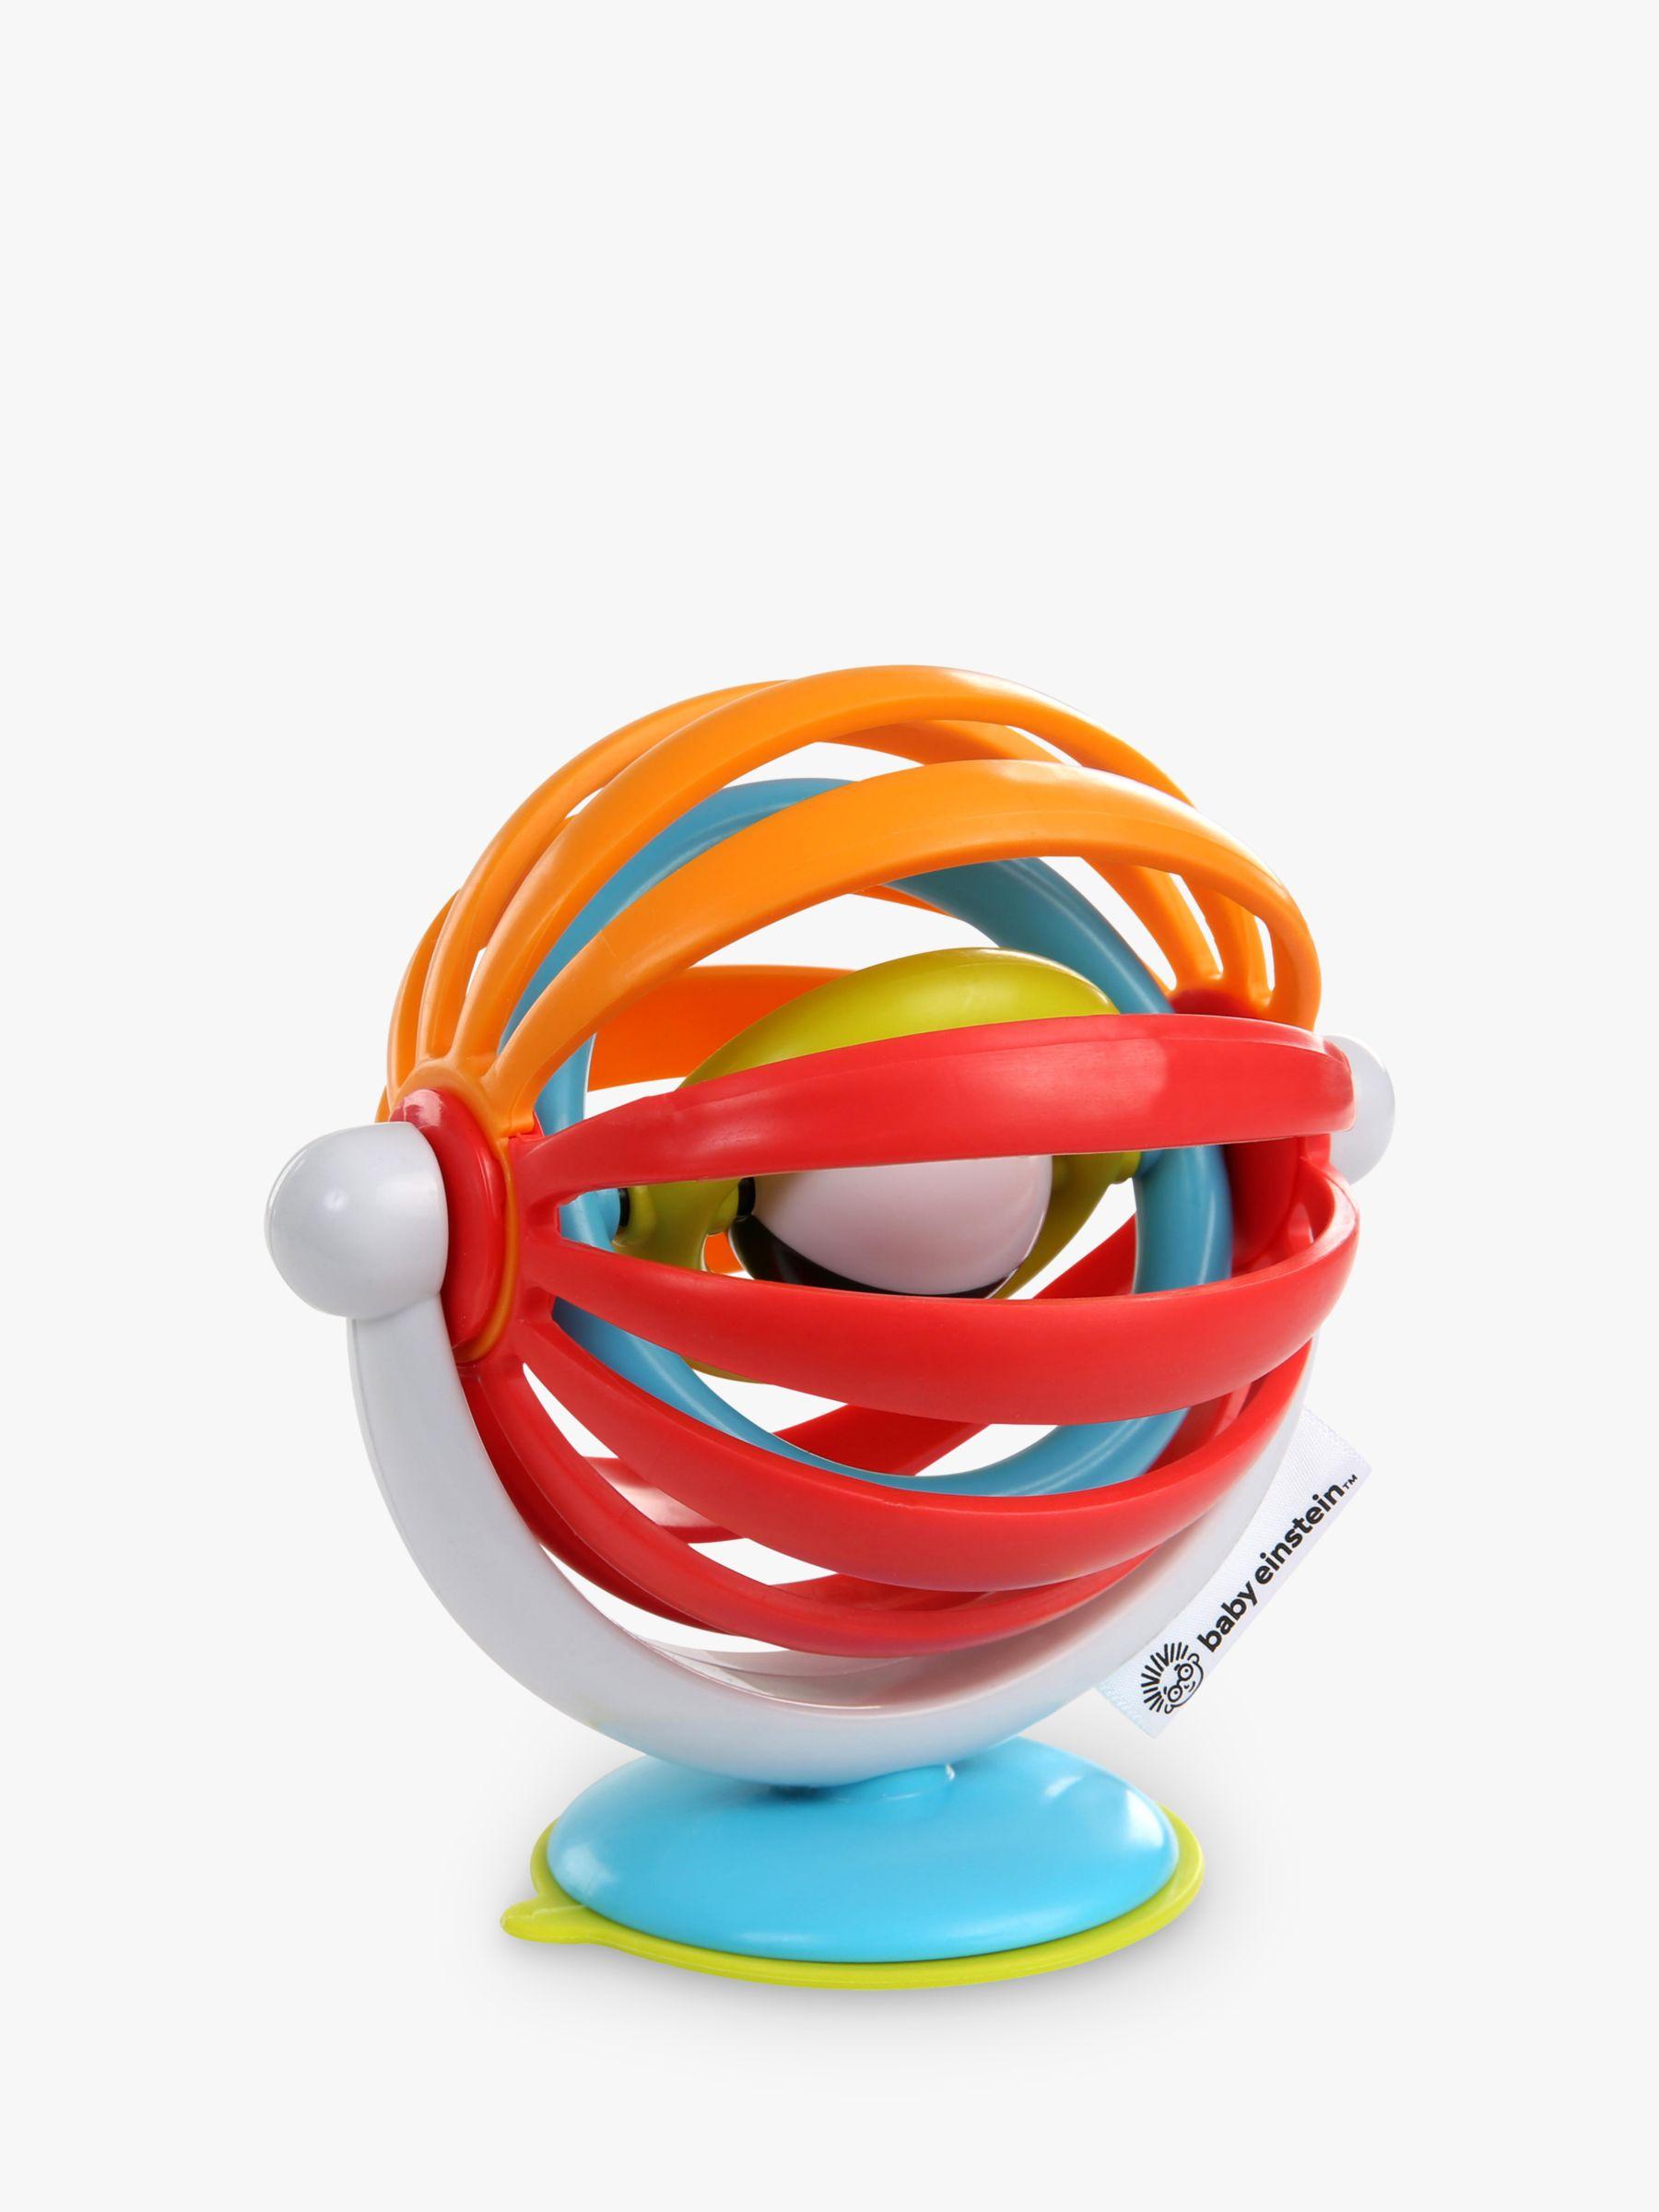 Baby Einstein Baby Einstein Sticky Spinner Ball Toy